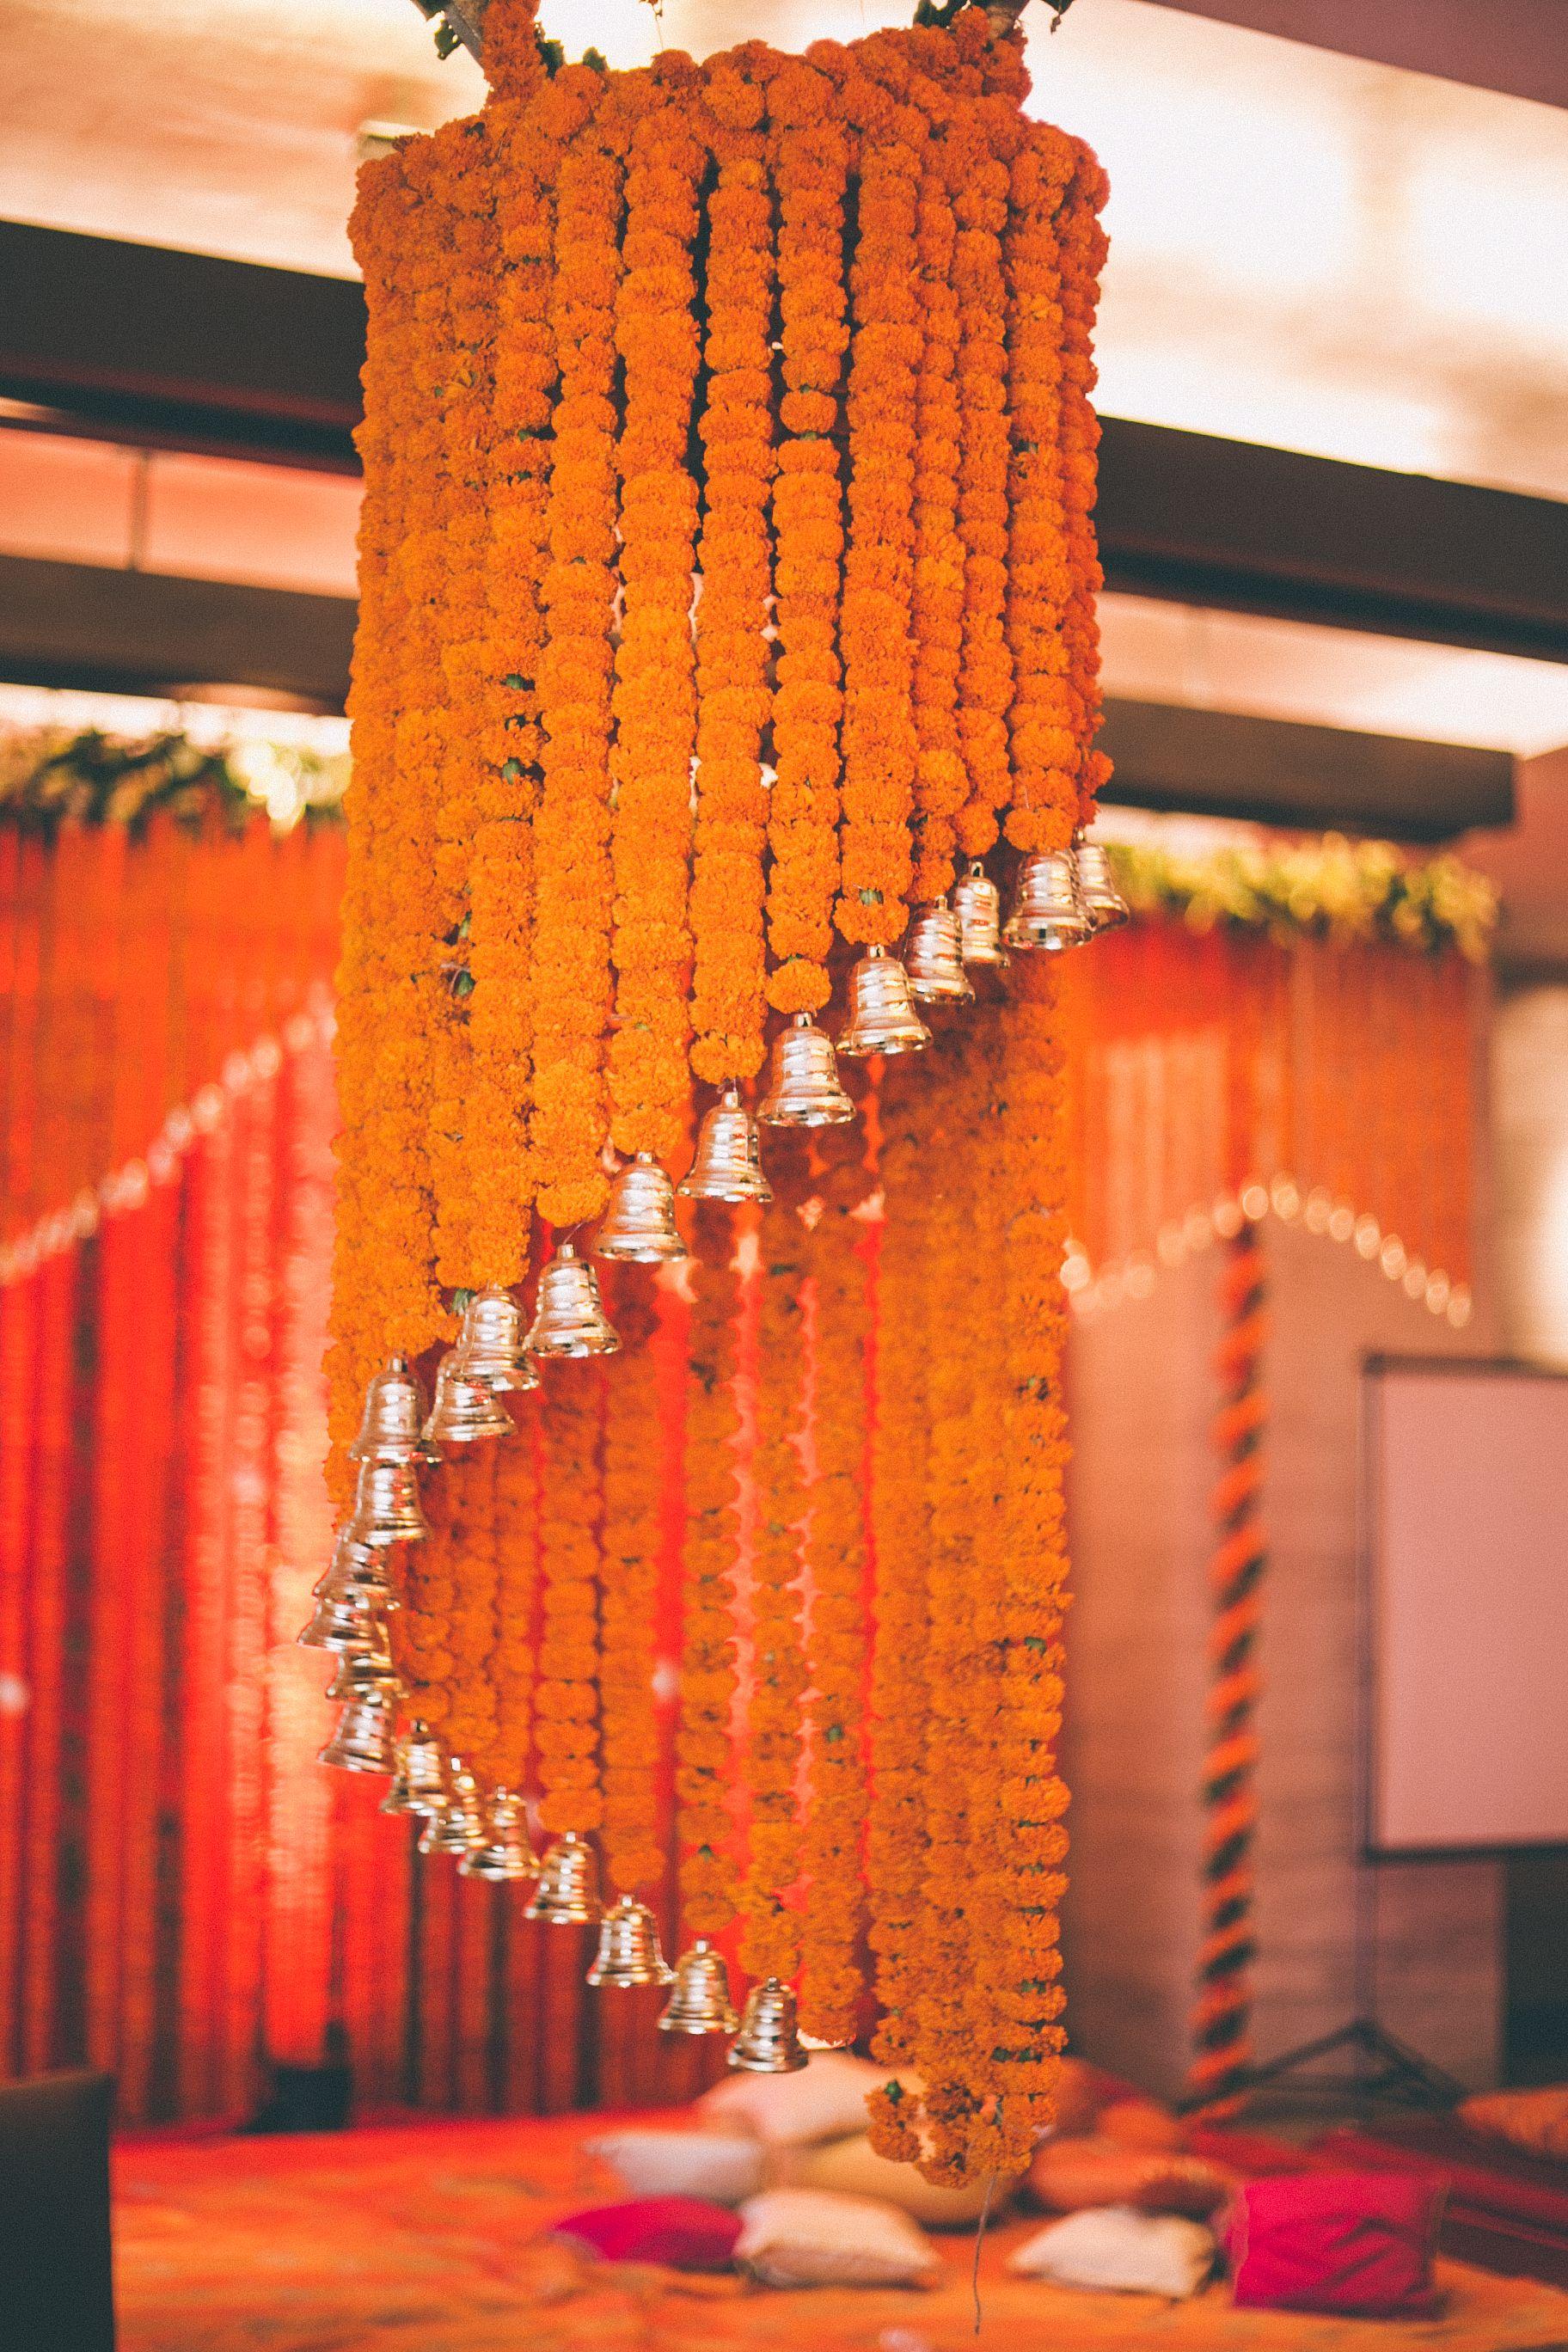 Floral chandelier made of orange marigold and bells